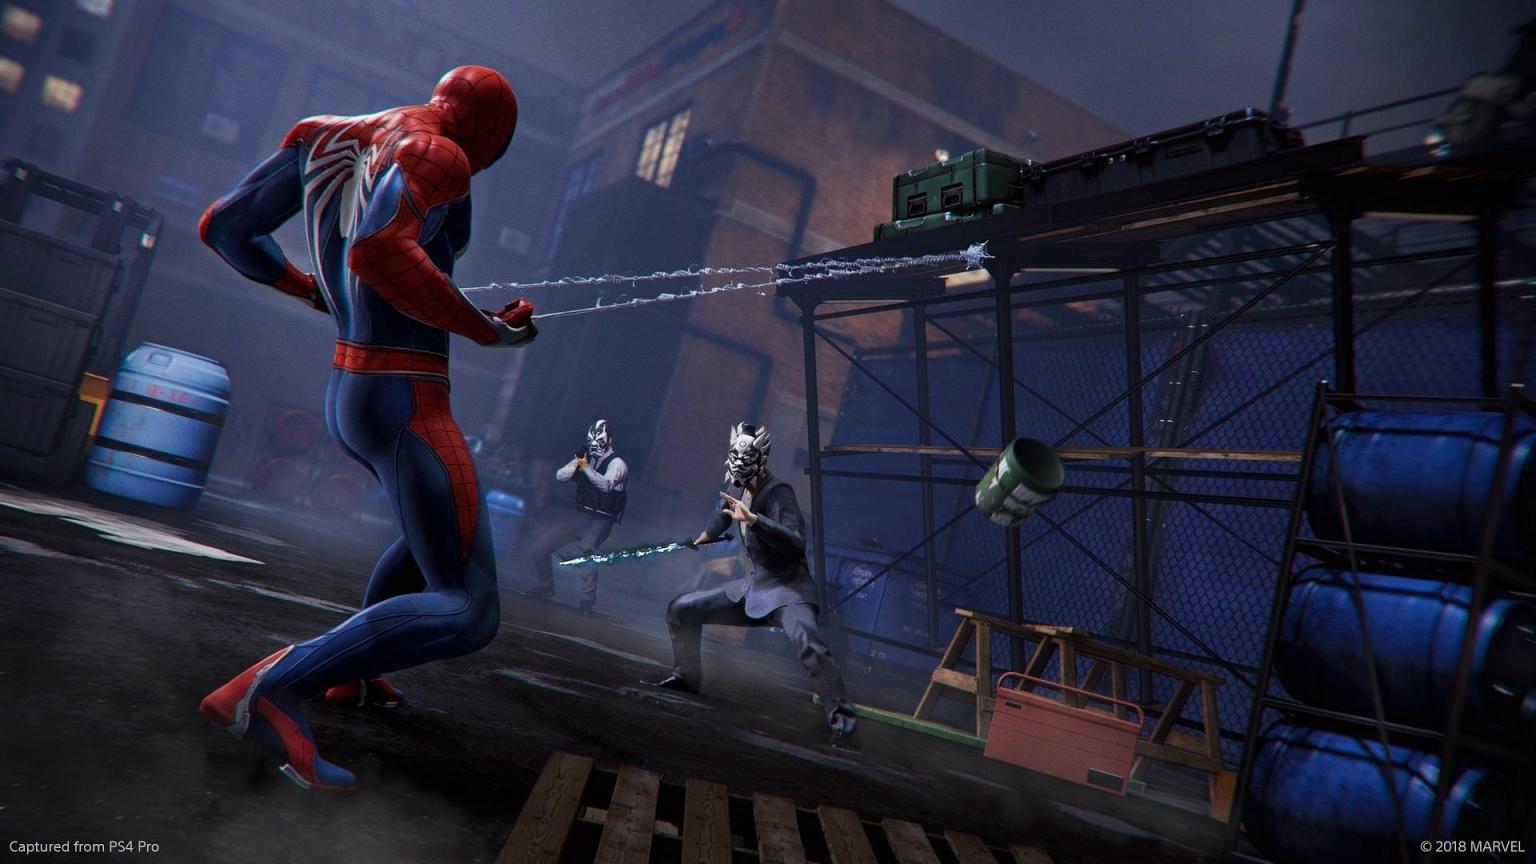 spider-man-ps4---elementos-do-cenario-1532456032651_v2_1920x1080